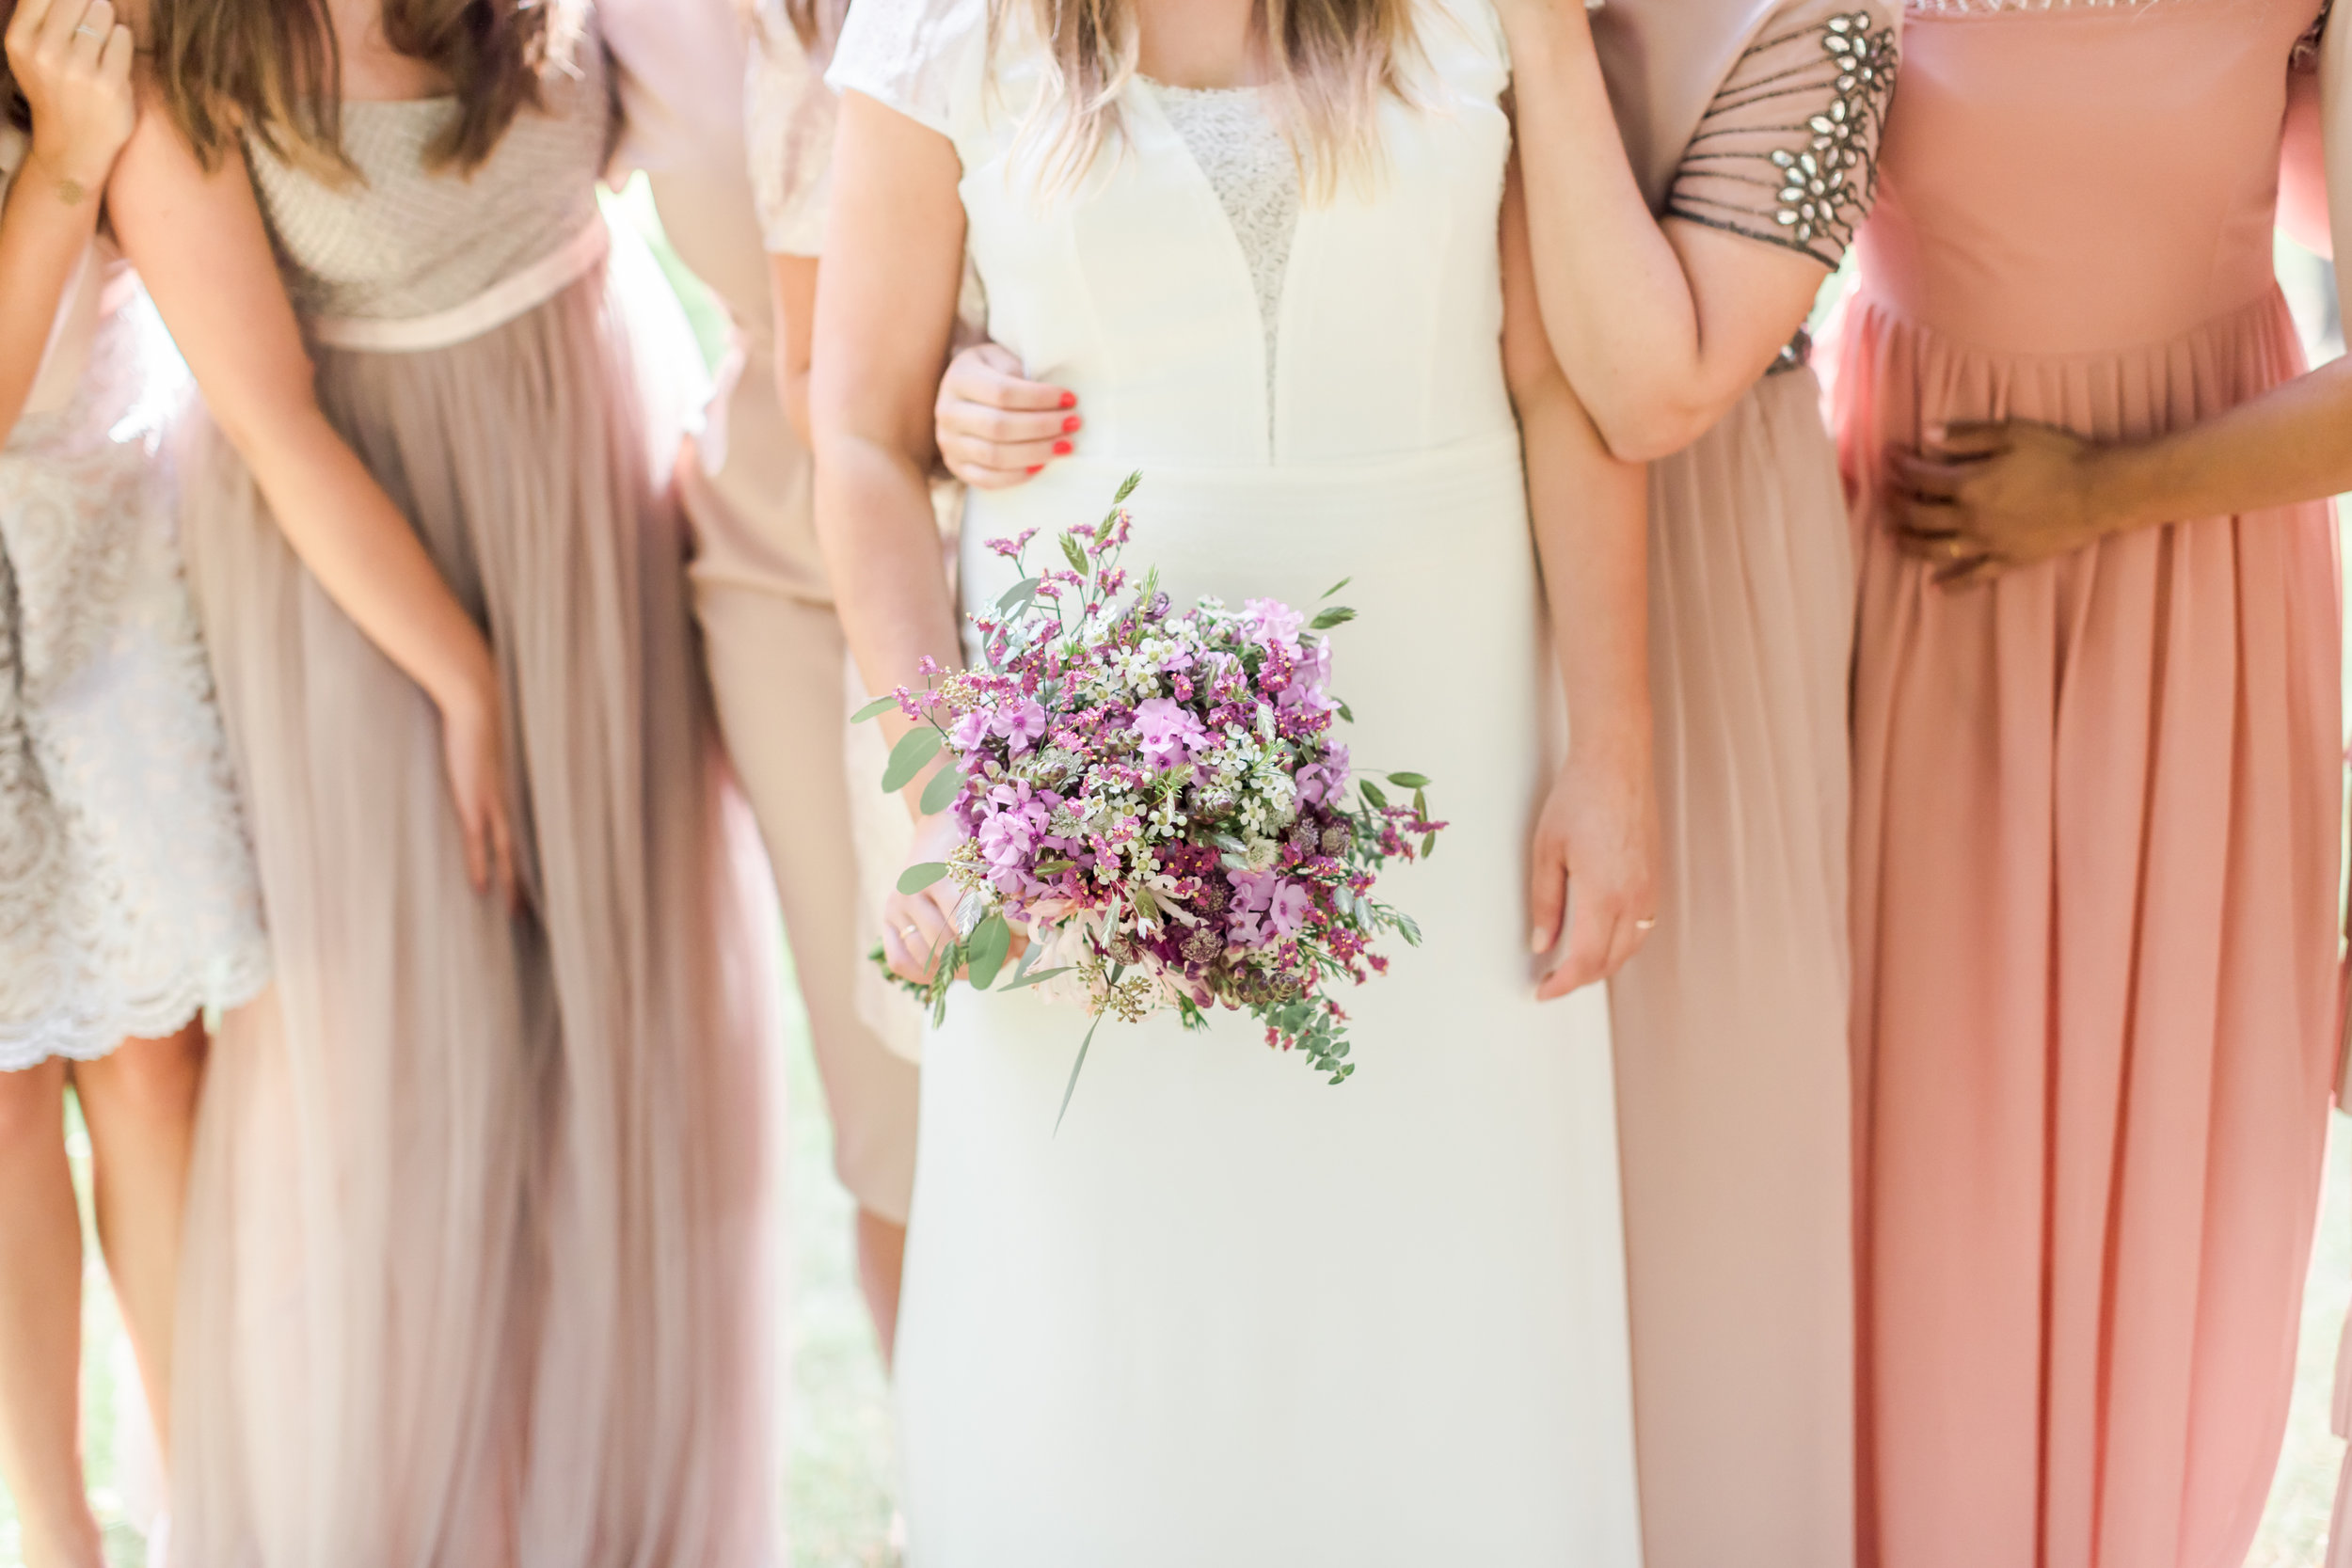 Huwelijk bloemen ( Maitha Lunde Photography ) - Degrootebloemen.be